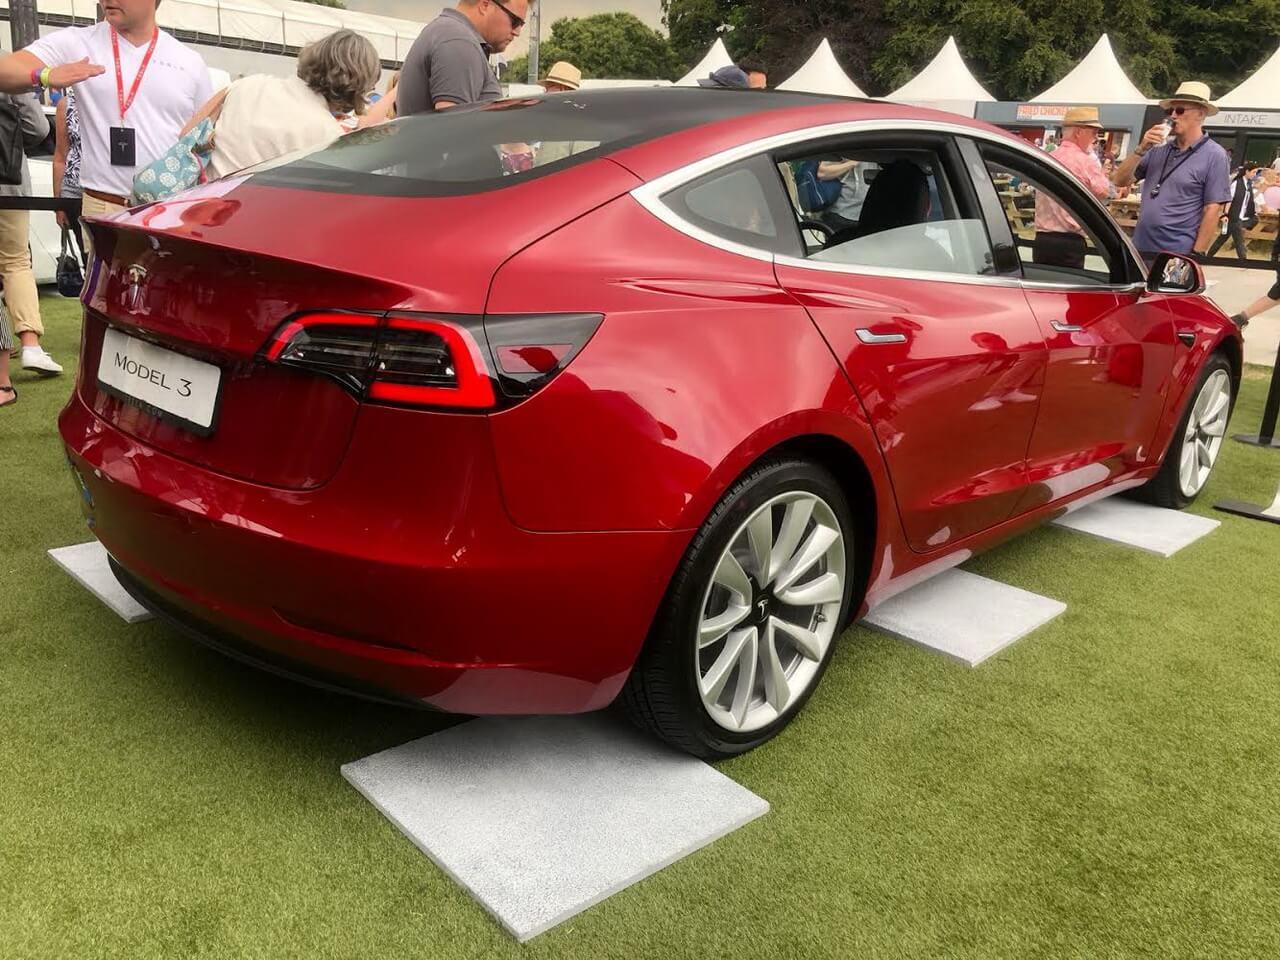 Tesla привезла Model 3 в Европу в рамках своего показа на Фестивале скорости Гудвуда в 2018 году